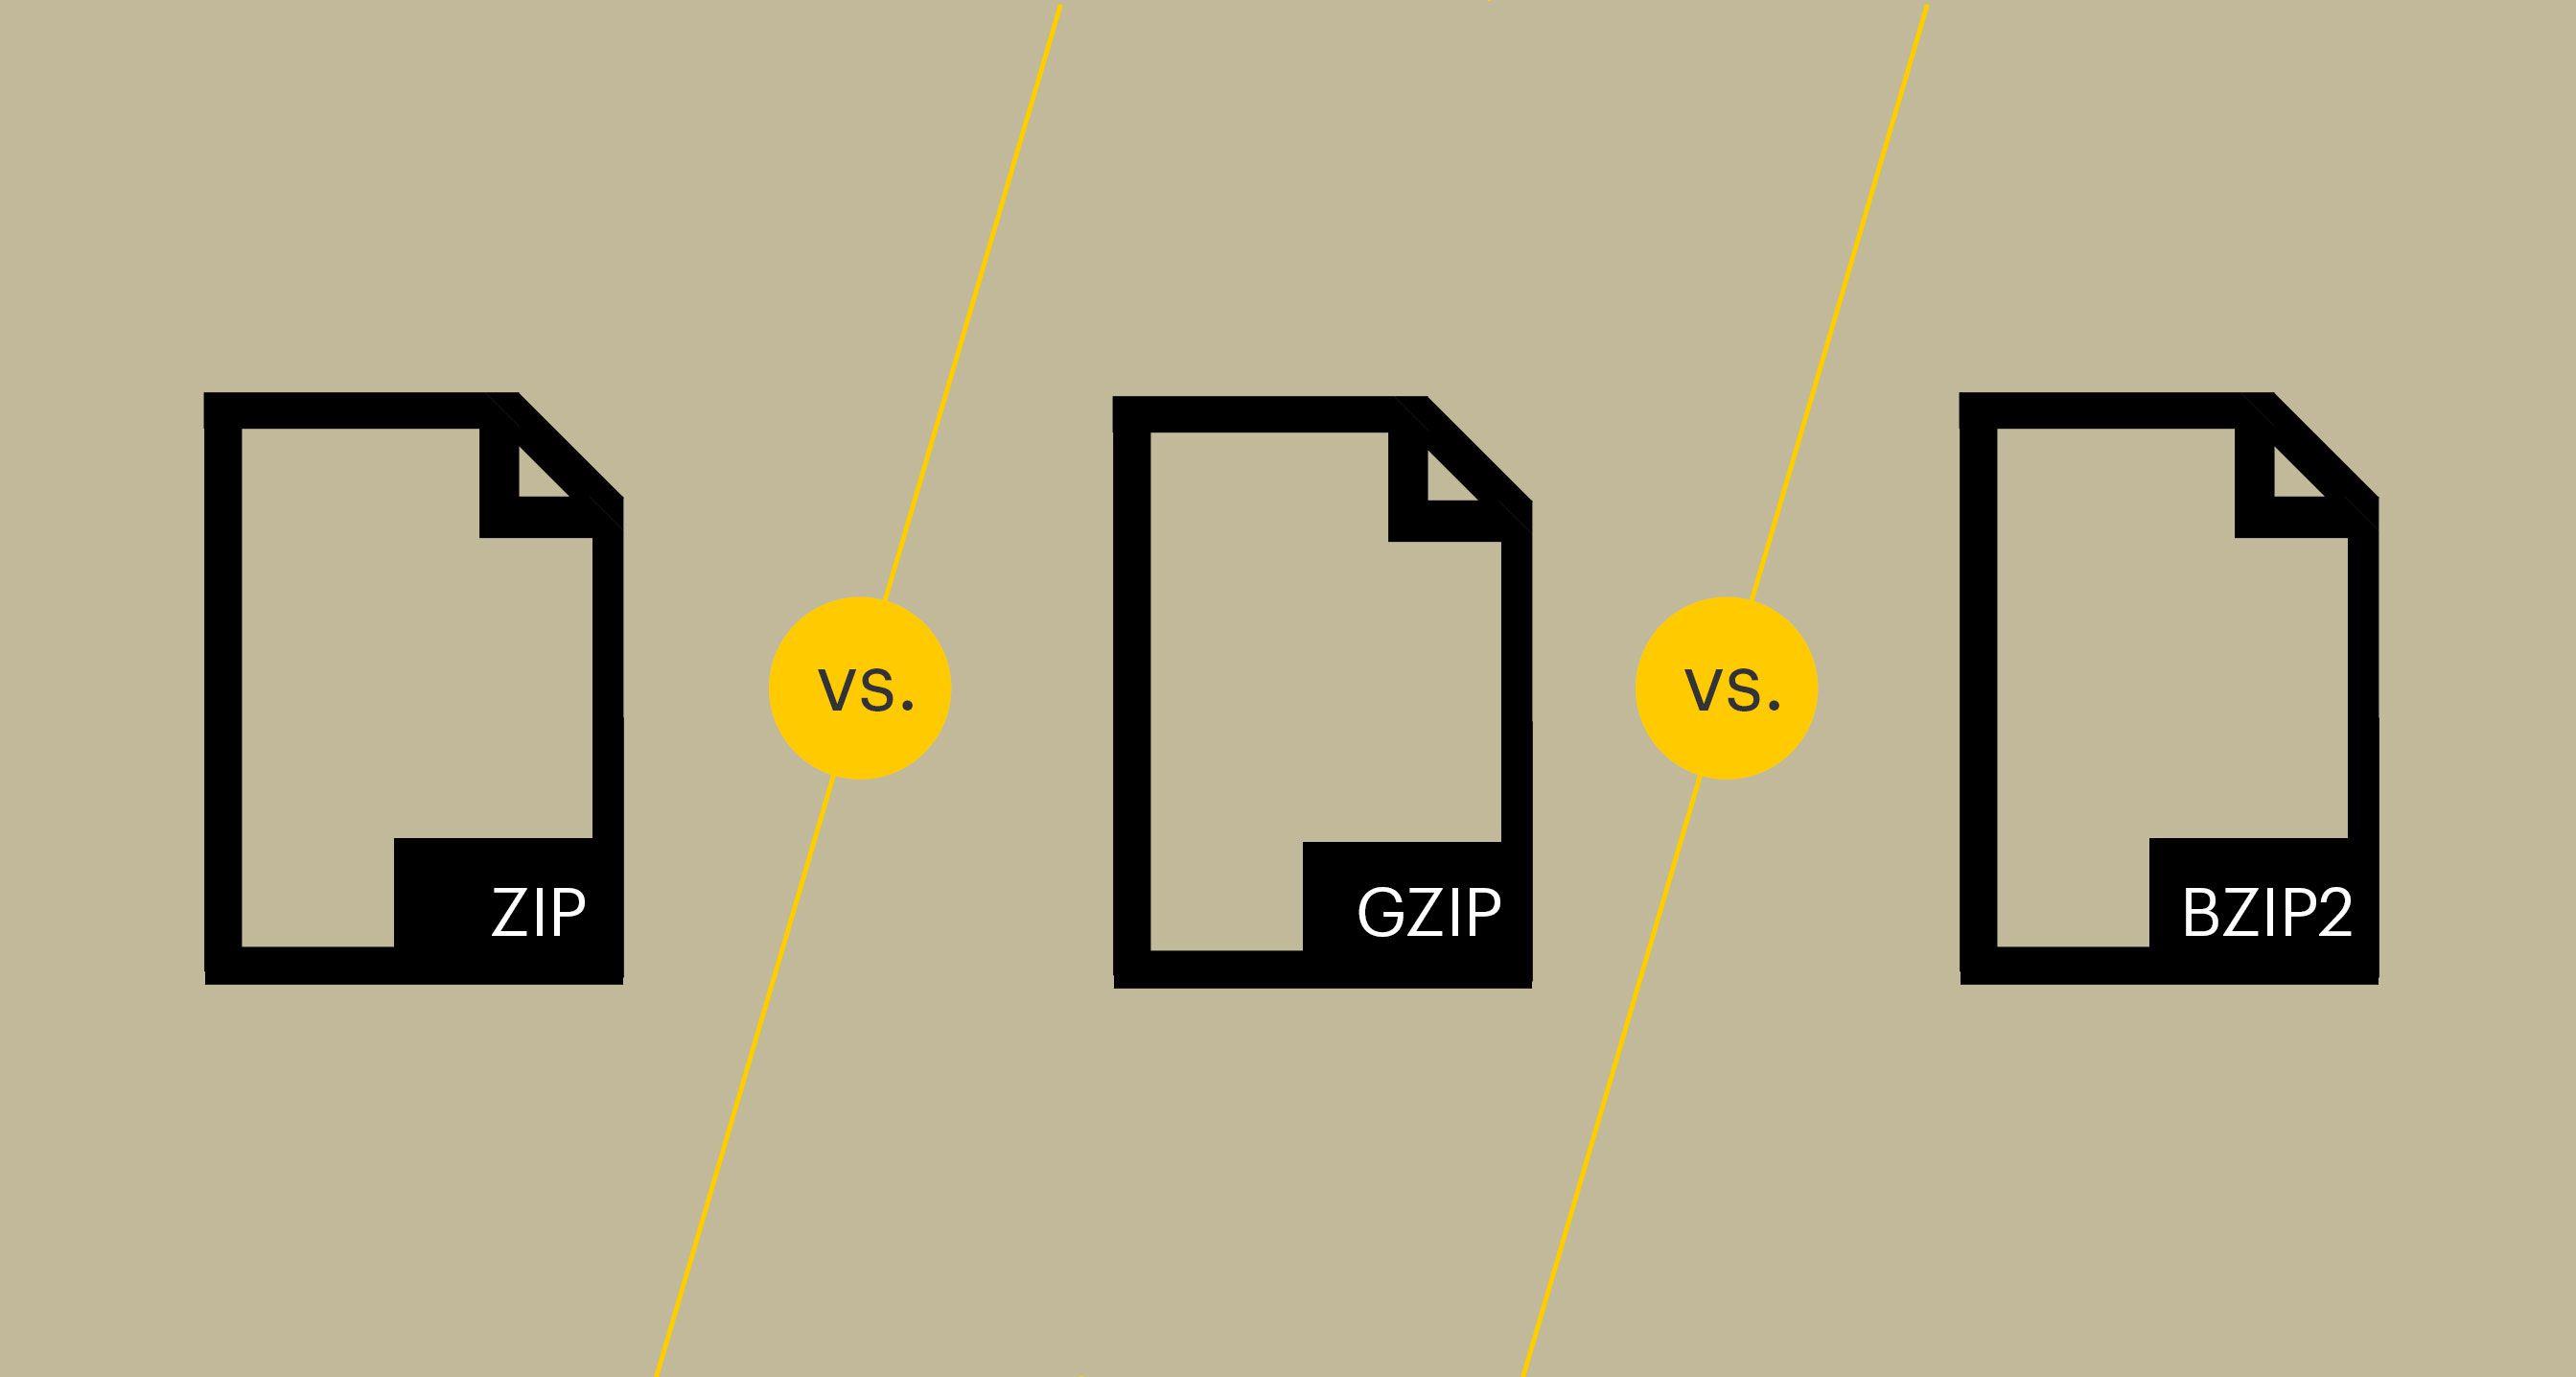 ZIP VS GZIP VS BZIP2